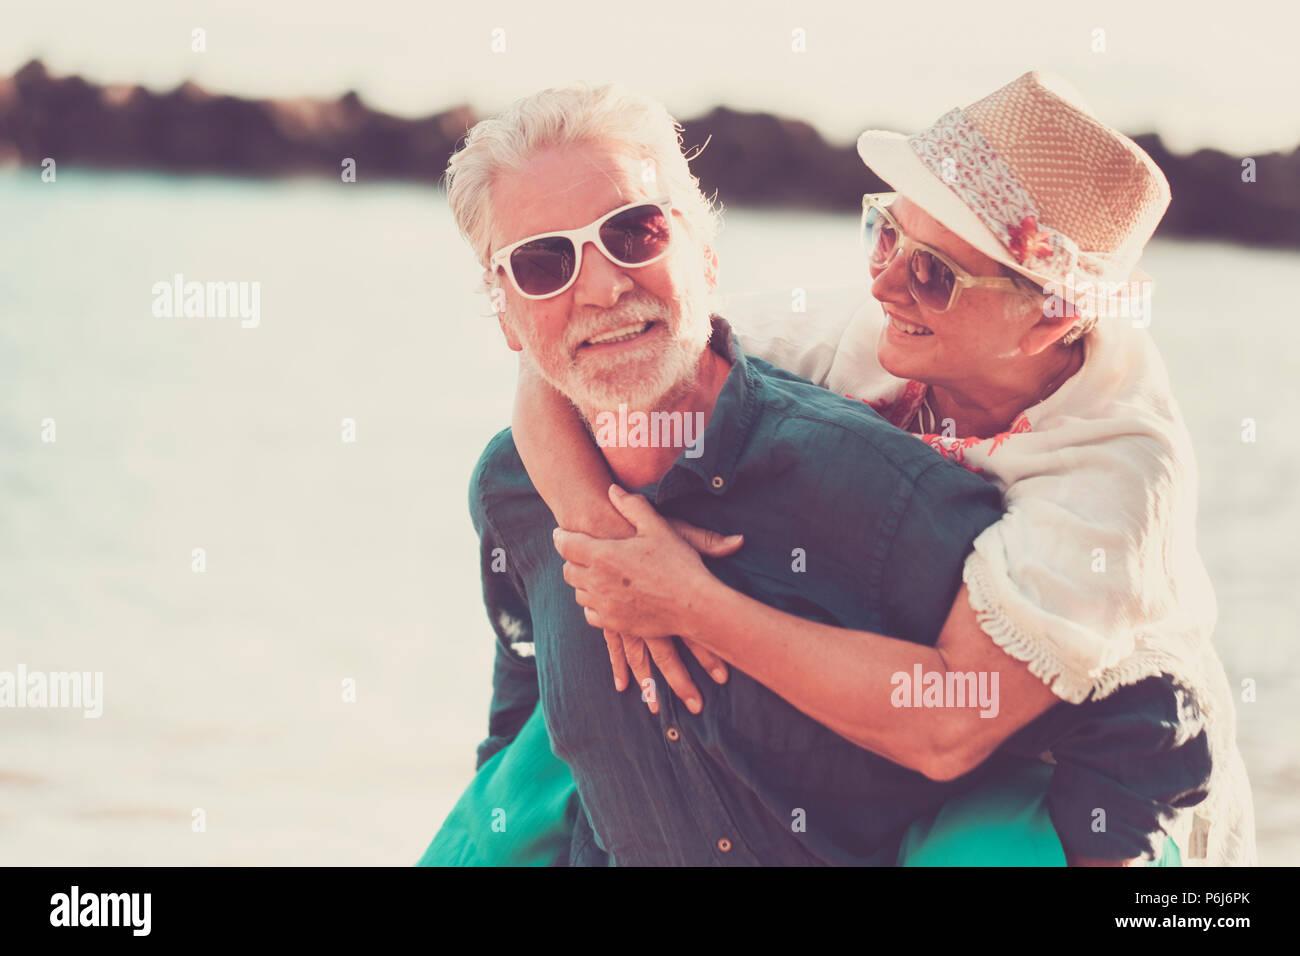 Glück paar Kaukasier, genießen und Lächeln der Outdoor Freizeitaktivitäten Aktivität während der Sommerferien. liebe für immer zusammen und laughi für männliche a Stockbild